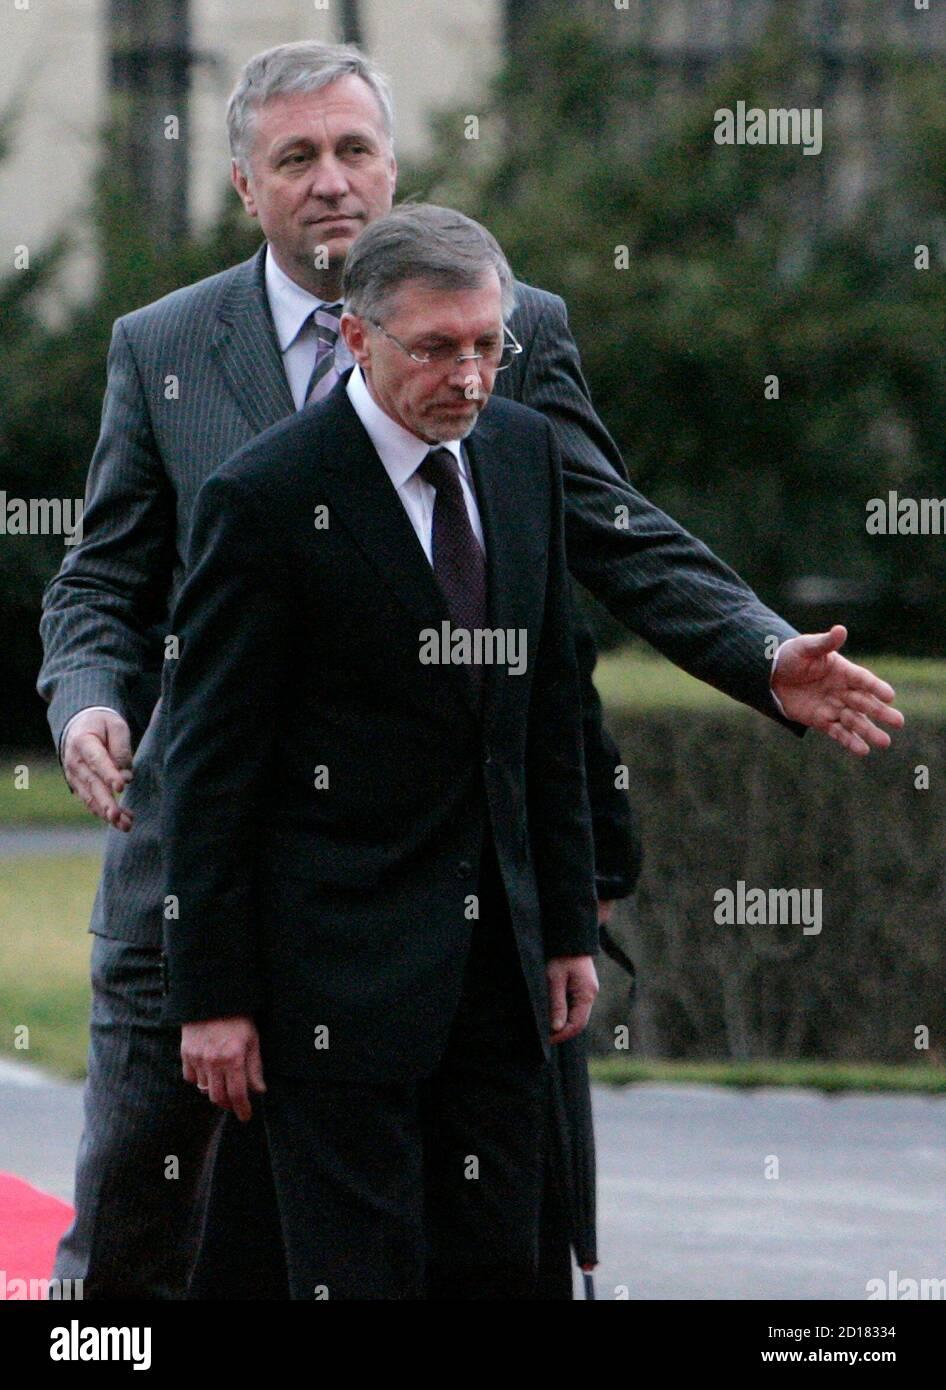 Il primo ministro della Repubblica ceca Mirek Topolanek (L) accoglie il suo omologo lituano Gediminas Kirkilas presso la sede del governo a Praga il 18 marzo 2008. REUTERS/David W Cerny (REPUBBLICA CECA) Foto Stock